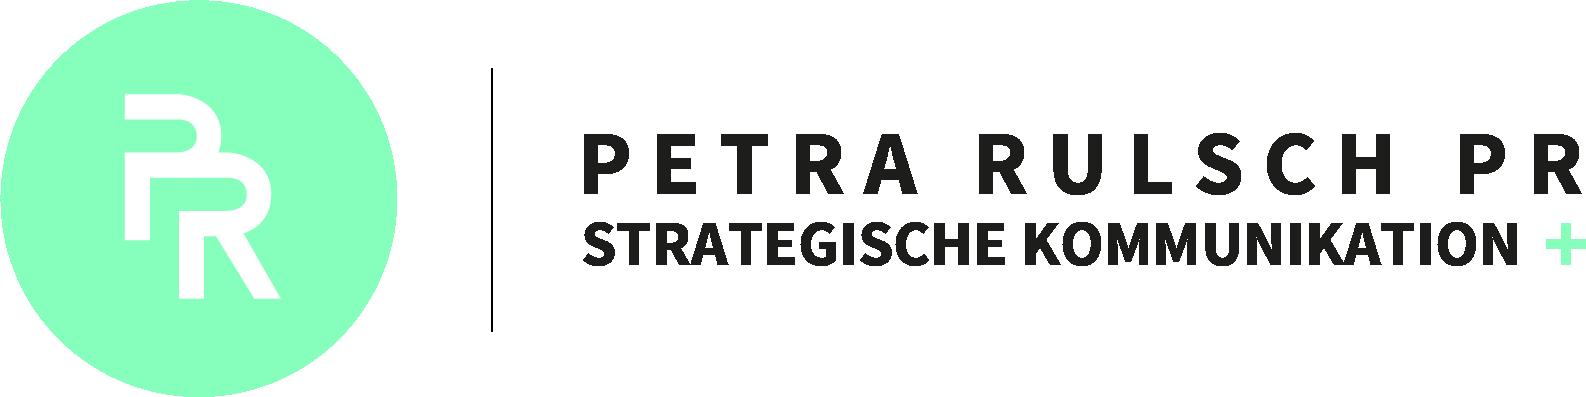 Petra Rulsch PR - Strategische Kommunikation +